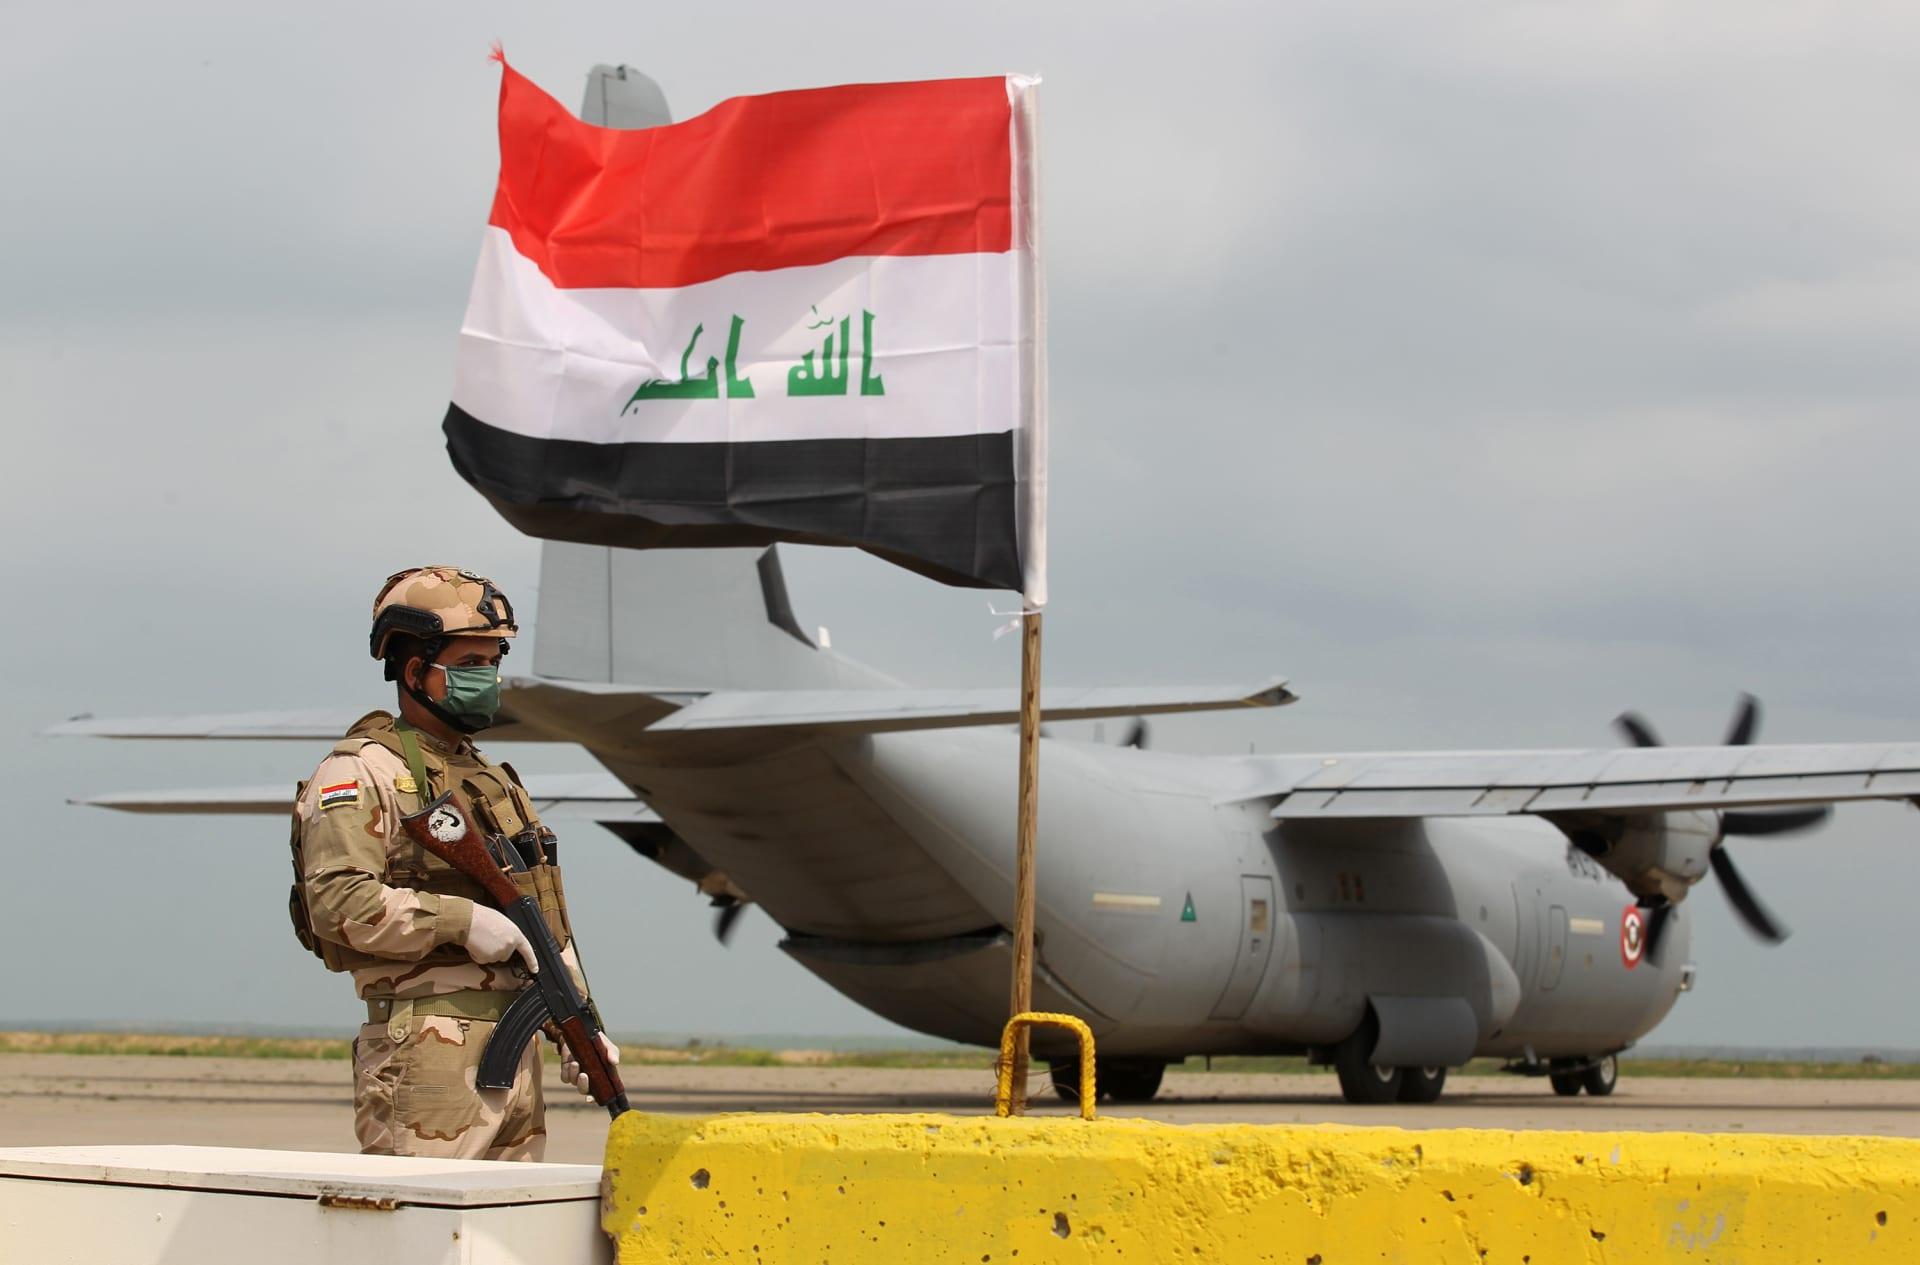 العراق: تشكيل لجنة تنسيقية لجدولة خروج القوات الأمريكية من البلاد